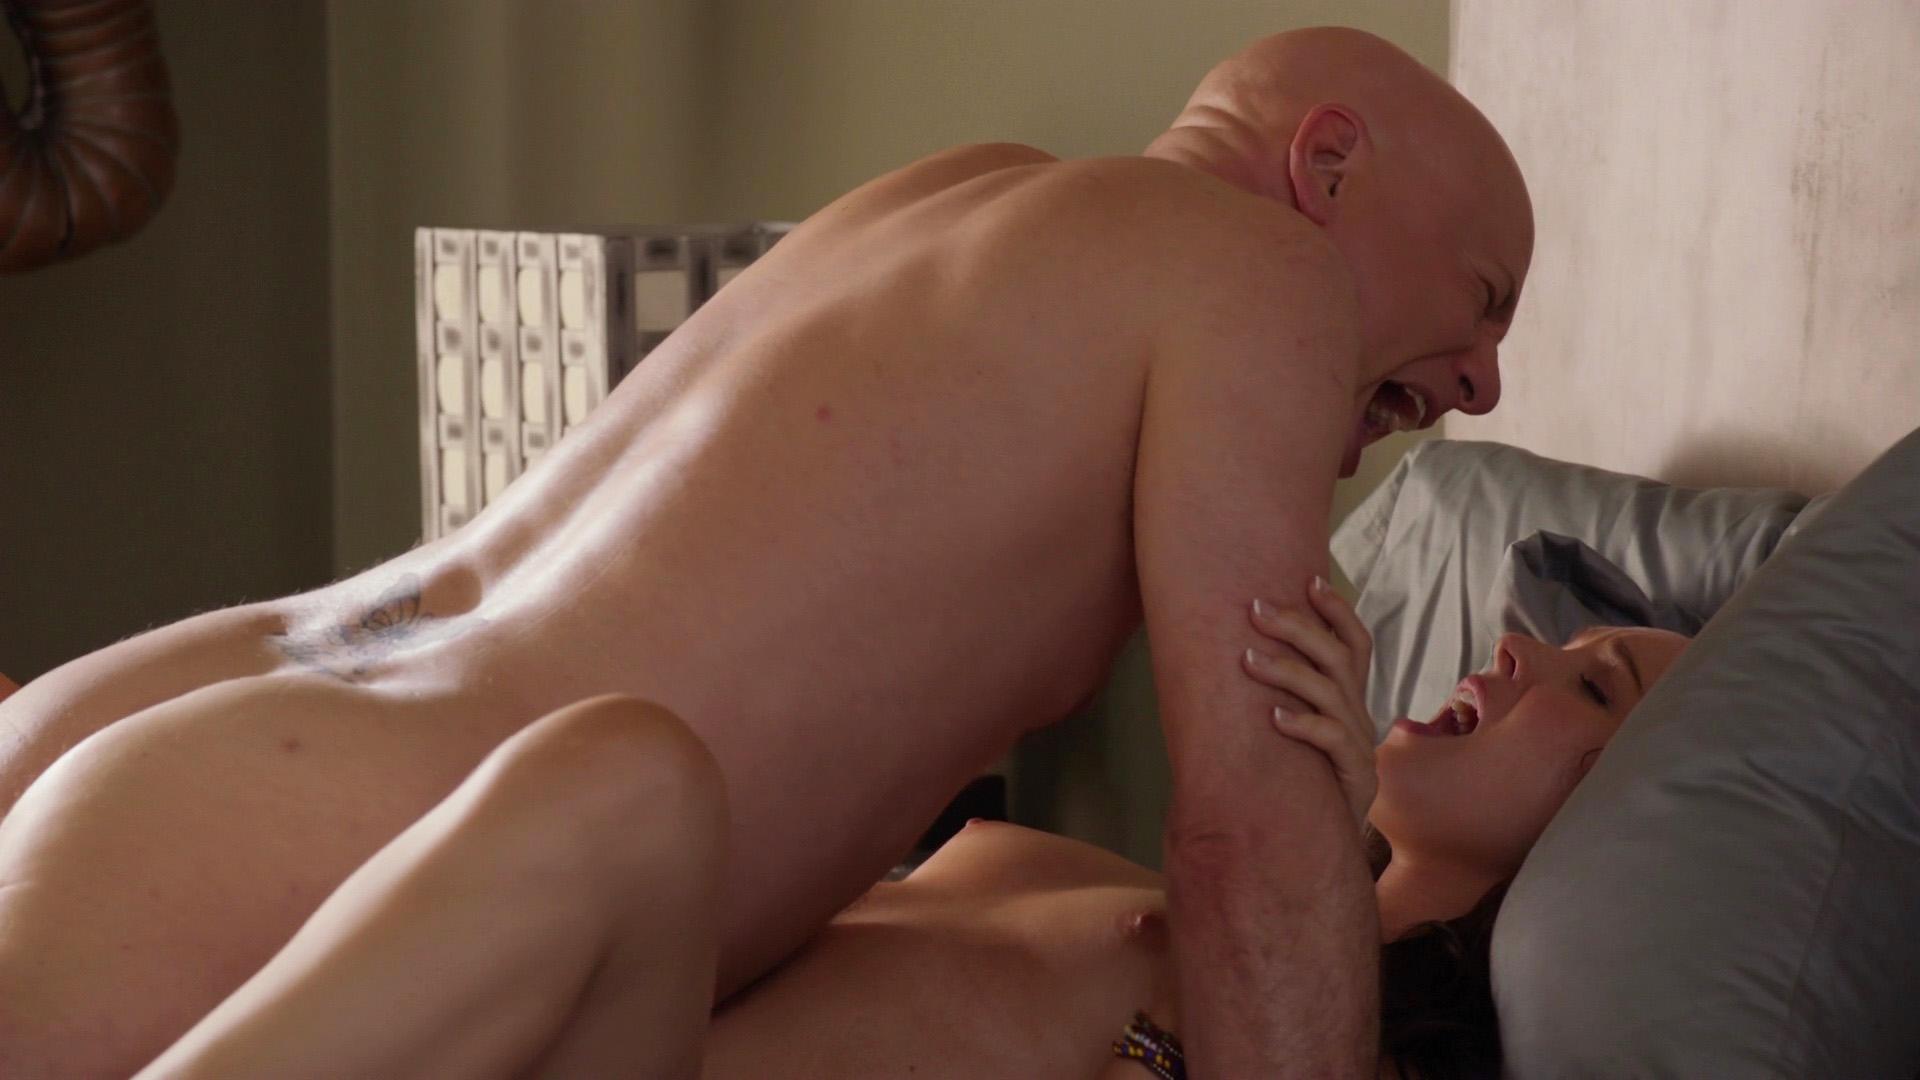 Erotic videos for valentines